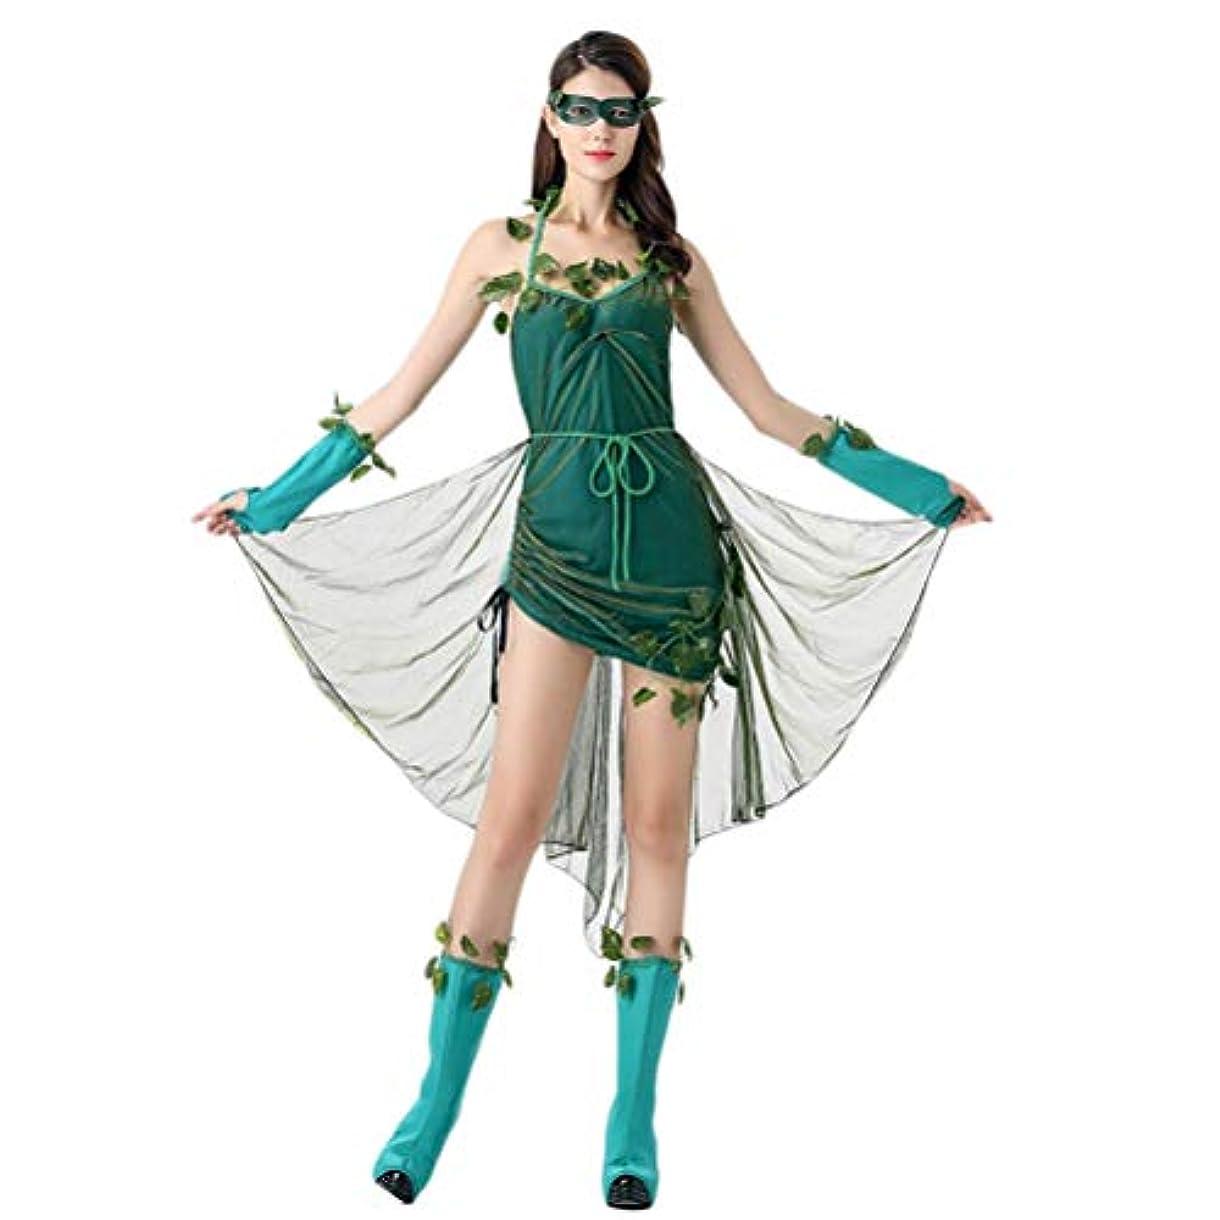 演じる没頭する胚BESTOYARD ハロウィンステージの衣装美しいエルフの衣装森の悪魔の女神女性のコスプレ衣装ユニフォームパーティードレススーツ